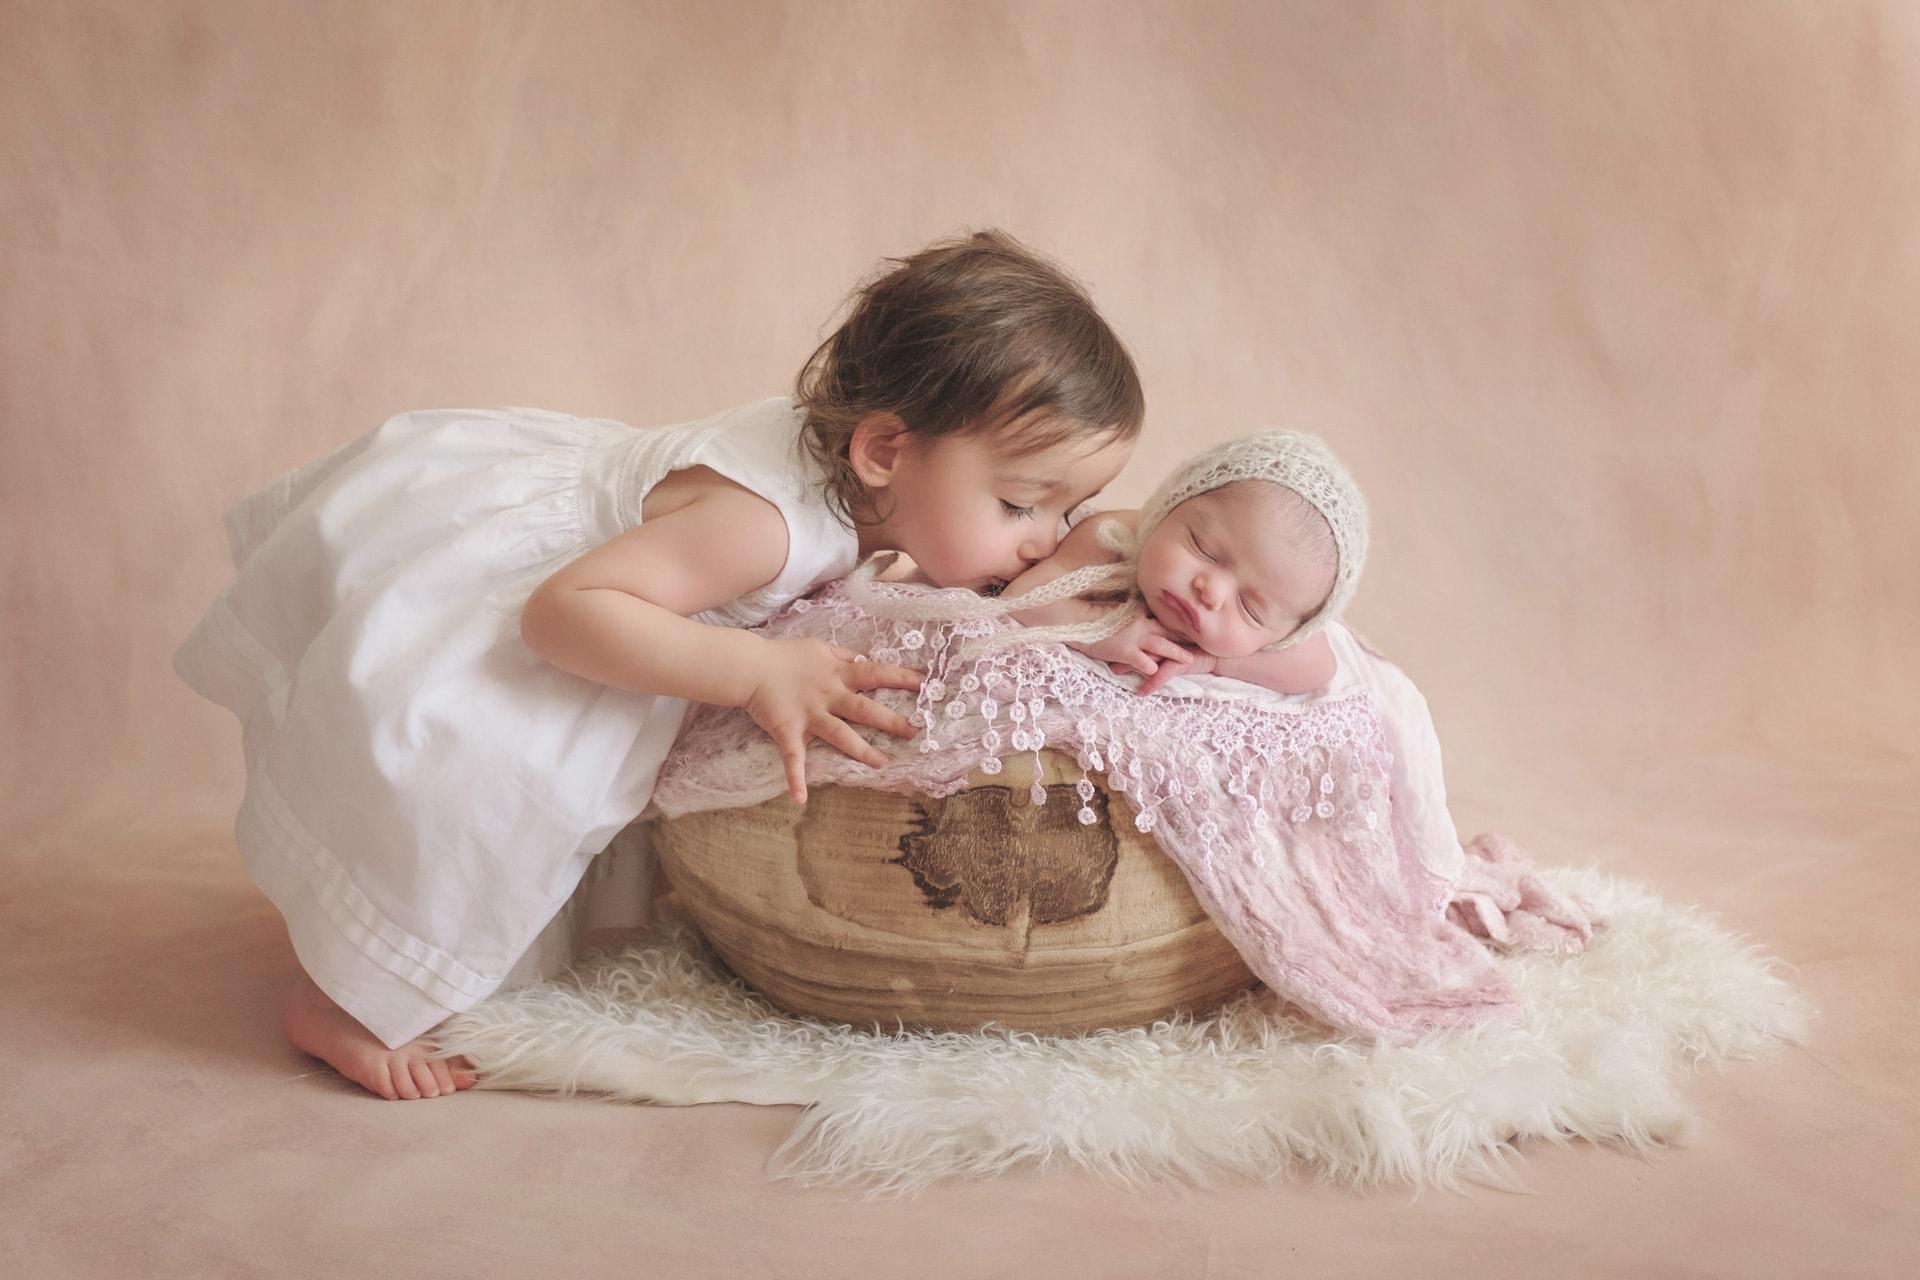 Grande sœur avec nouveau-né chez photographe